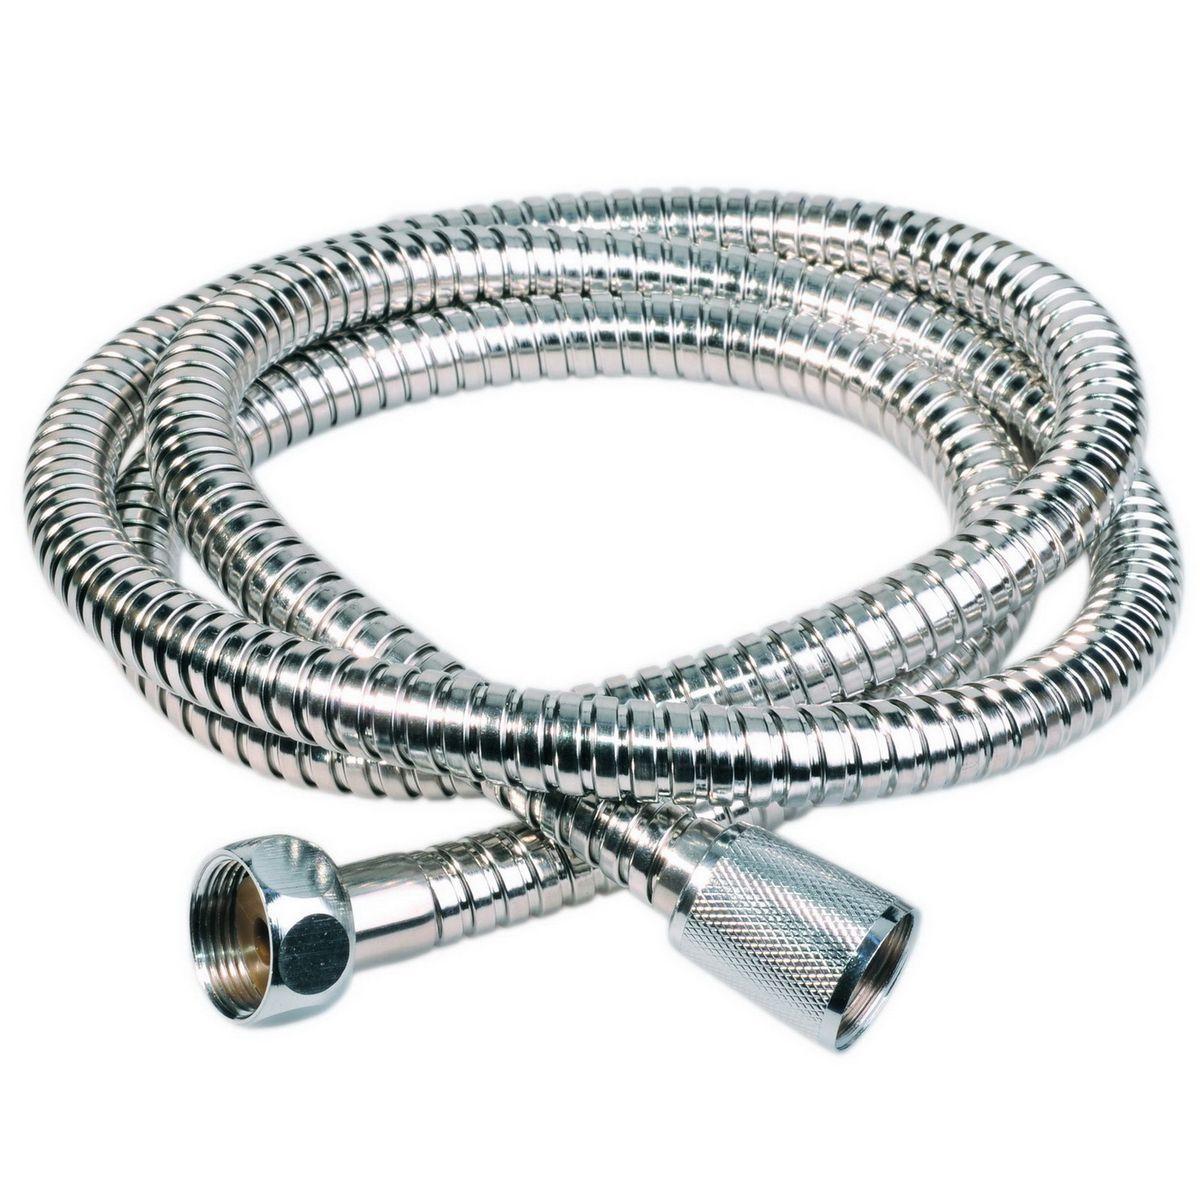 Шланг для душа Argo Rus-Eur-S, 150 смBL505Универсальный гибкий шланг для душа Argo Rus-Eur-S с внешней оболочкой изнержавеющей стали, сочетает в себе отличные эксплуатационные характеристикии приятный дизайн. Прочный и надежный шланг эргономичен и прост в монтаже, удобен виспользовании. Длина: 150 см. Выходы шлага: М22x1,5 х 1/2. Тип фитинга: гайка – конус с насечкой.Тип соединения оплетки: двойной замок.